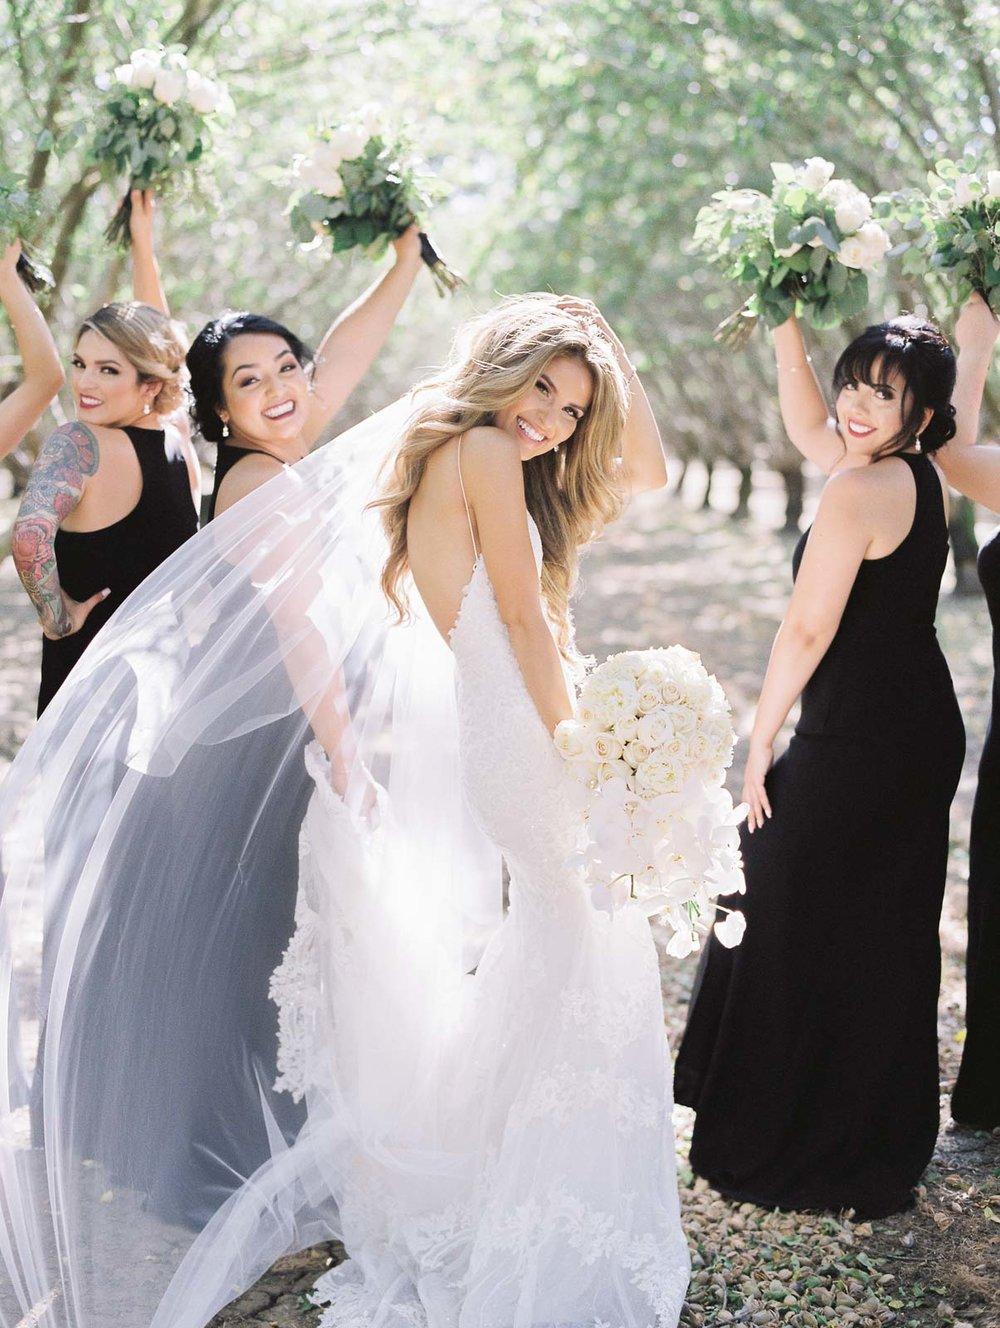 Lucy Munoz Photography - Kristen Bride Aug, 2017